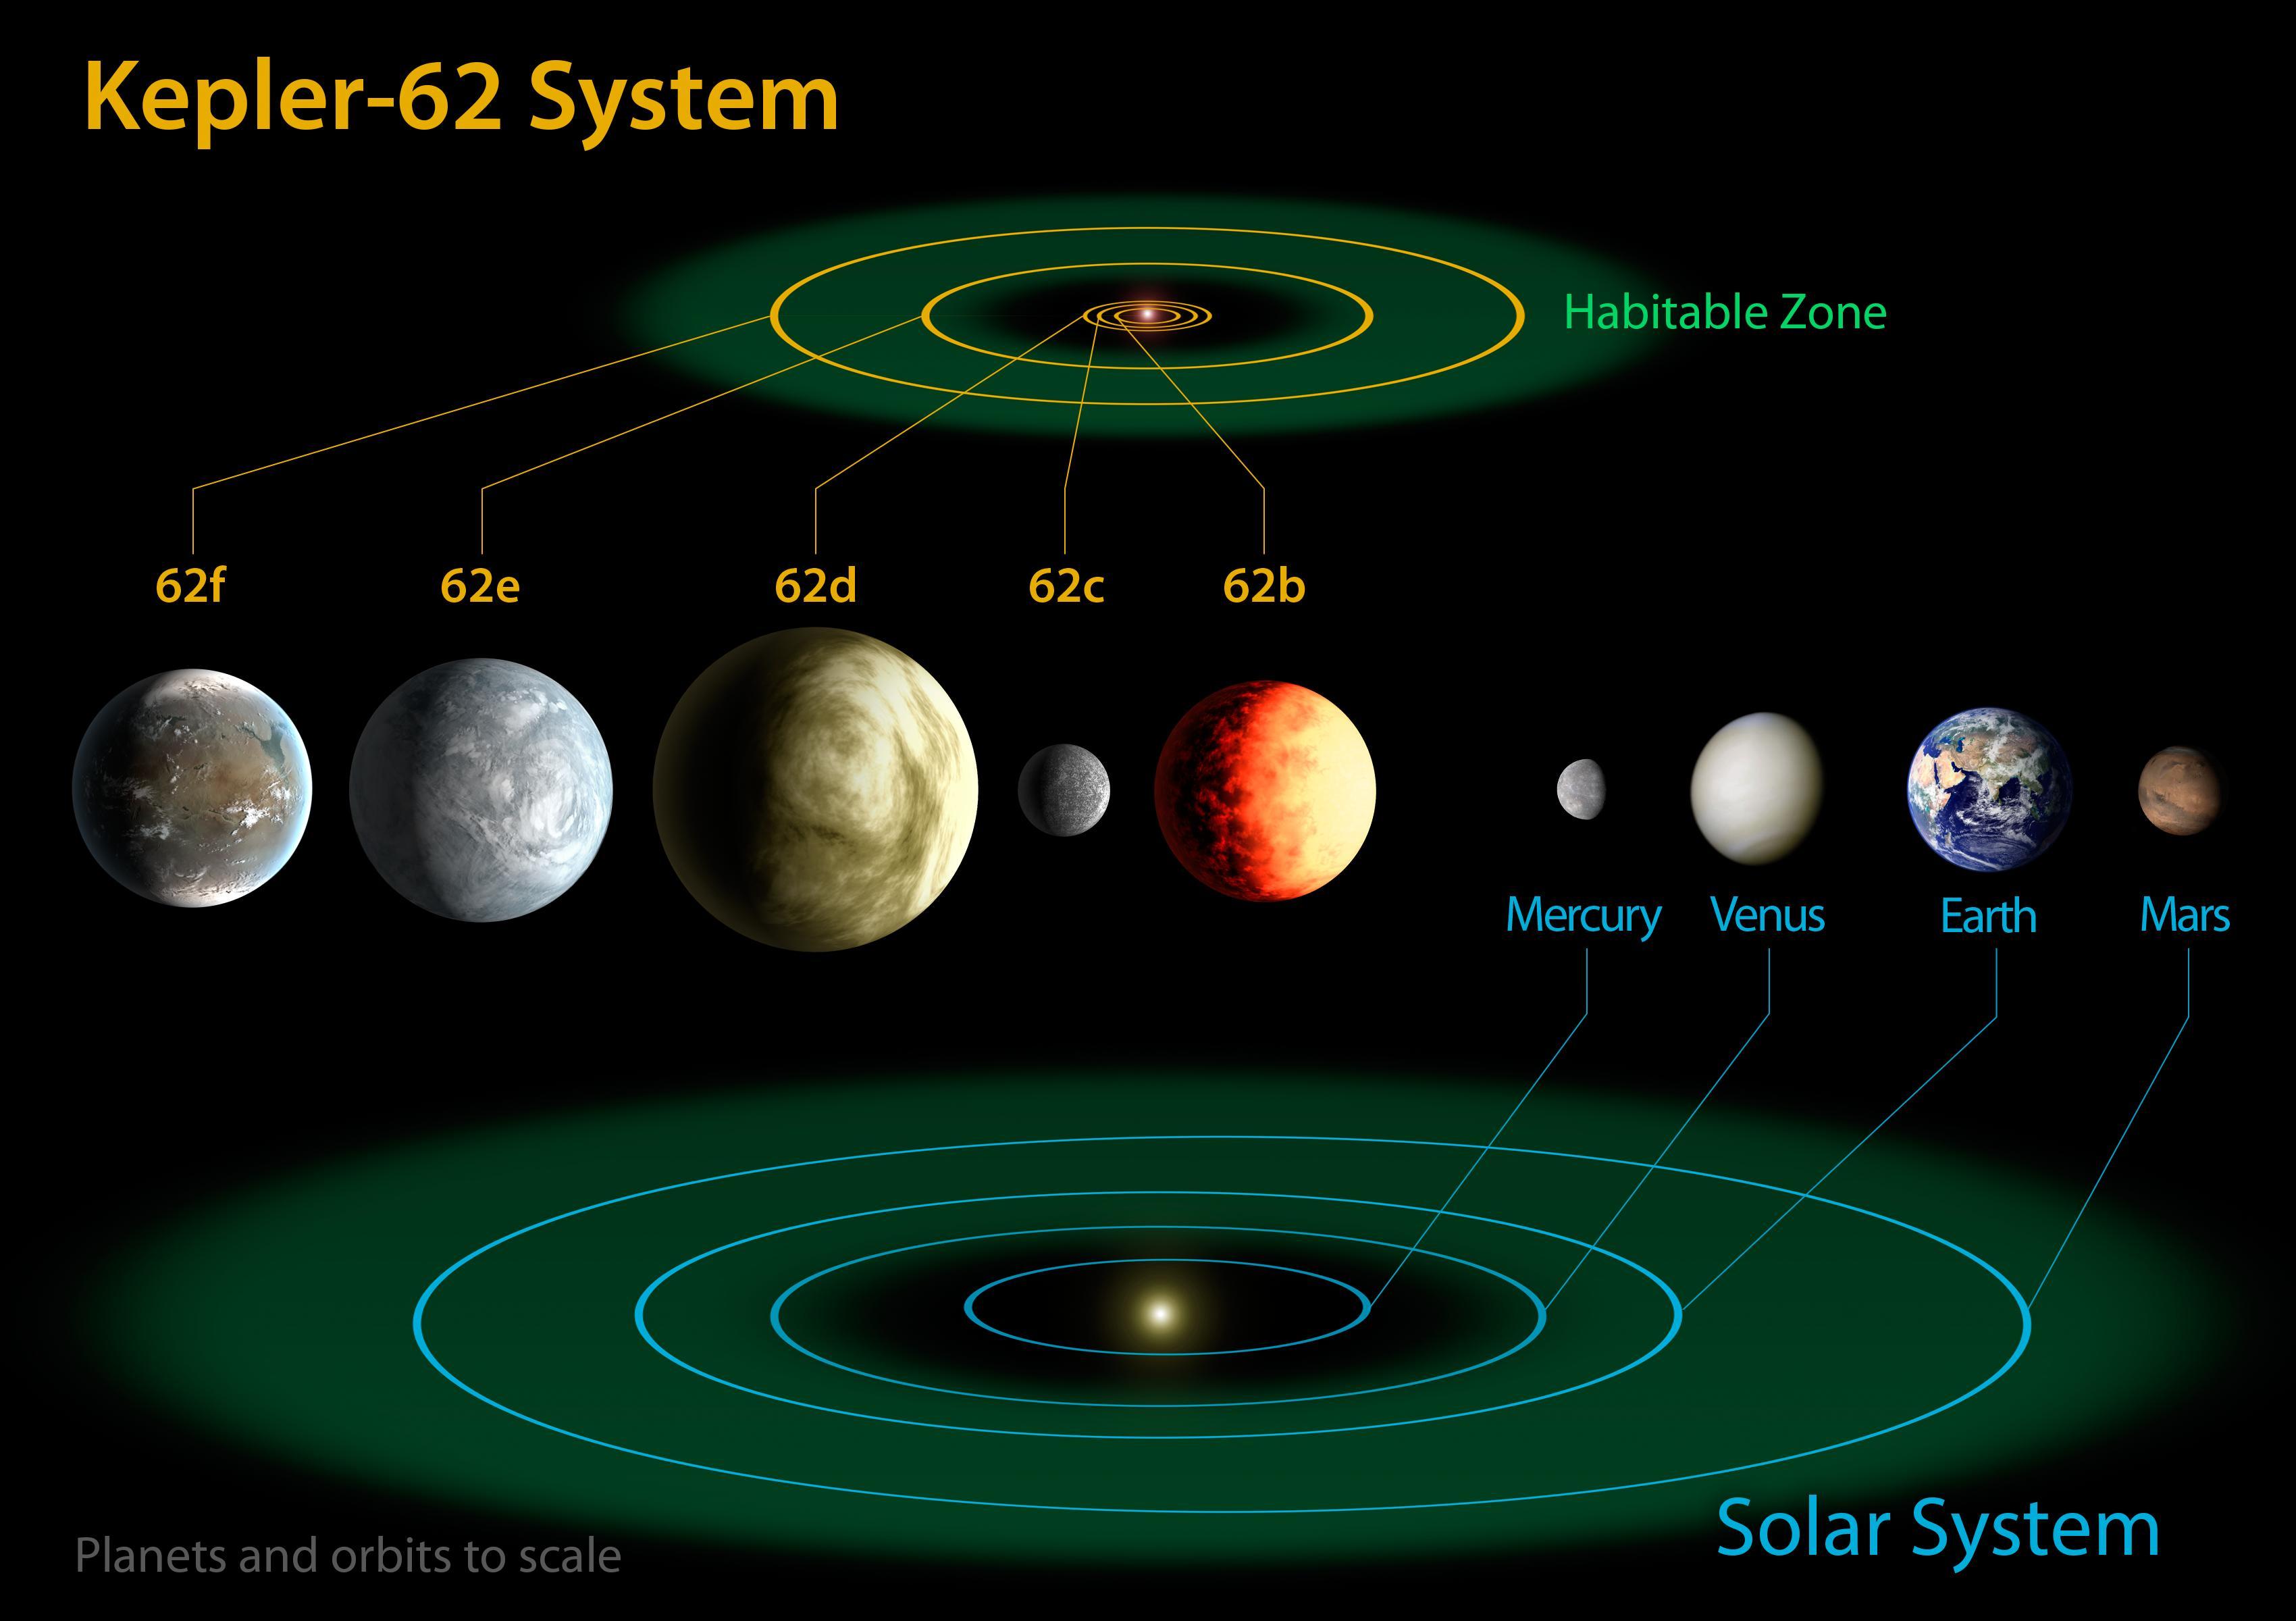 nasa solar system portrait - photo #29